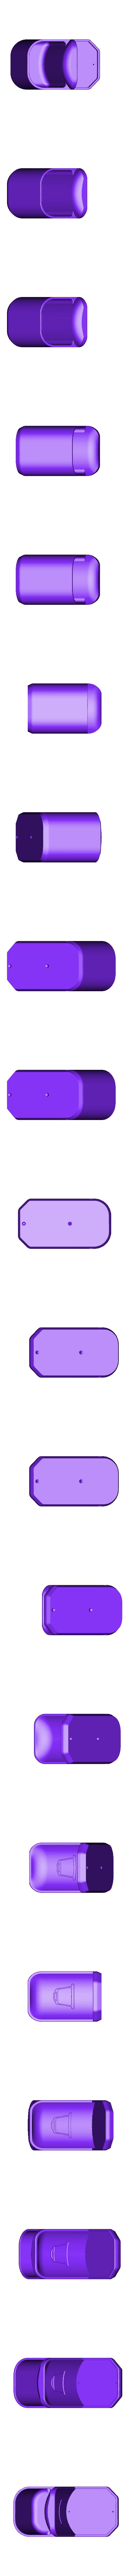 Capsule Catch.stl Télécharger fichier STL gratuit MACHINE À CAFÉ JOUET • Design pour imprimante 3D, 3DWORKBENCH